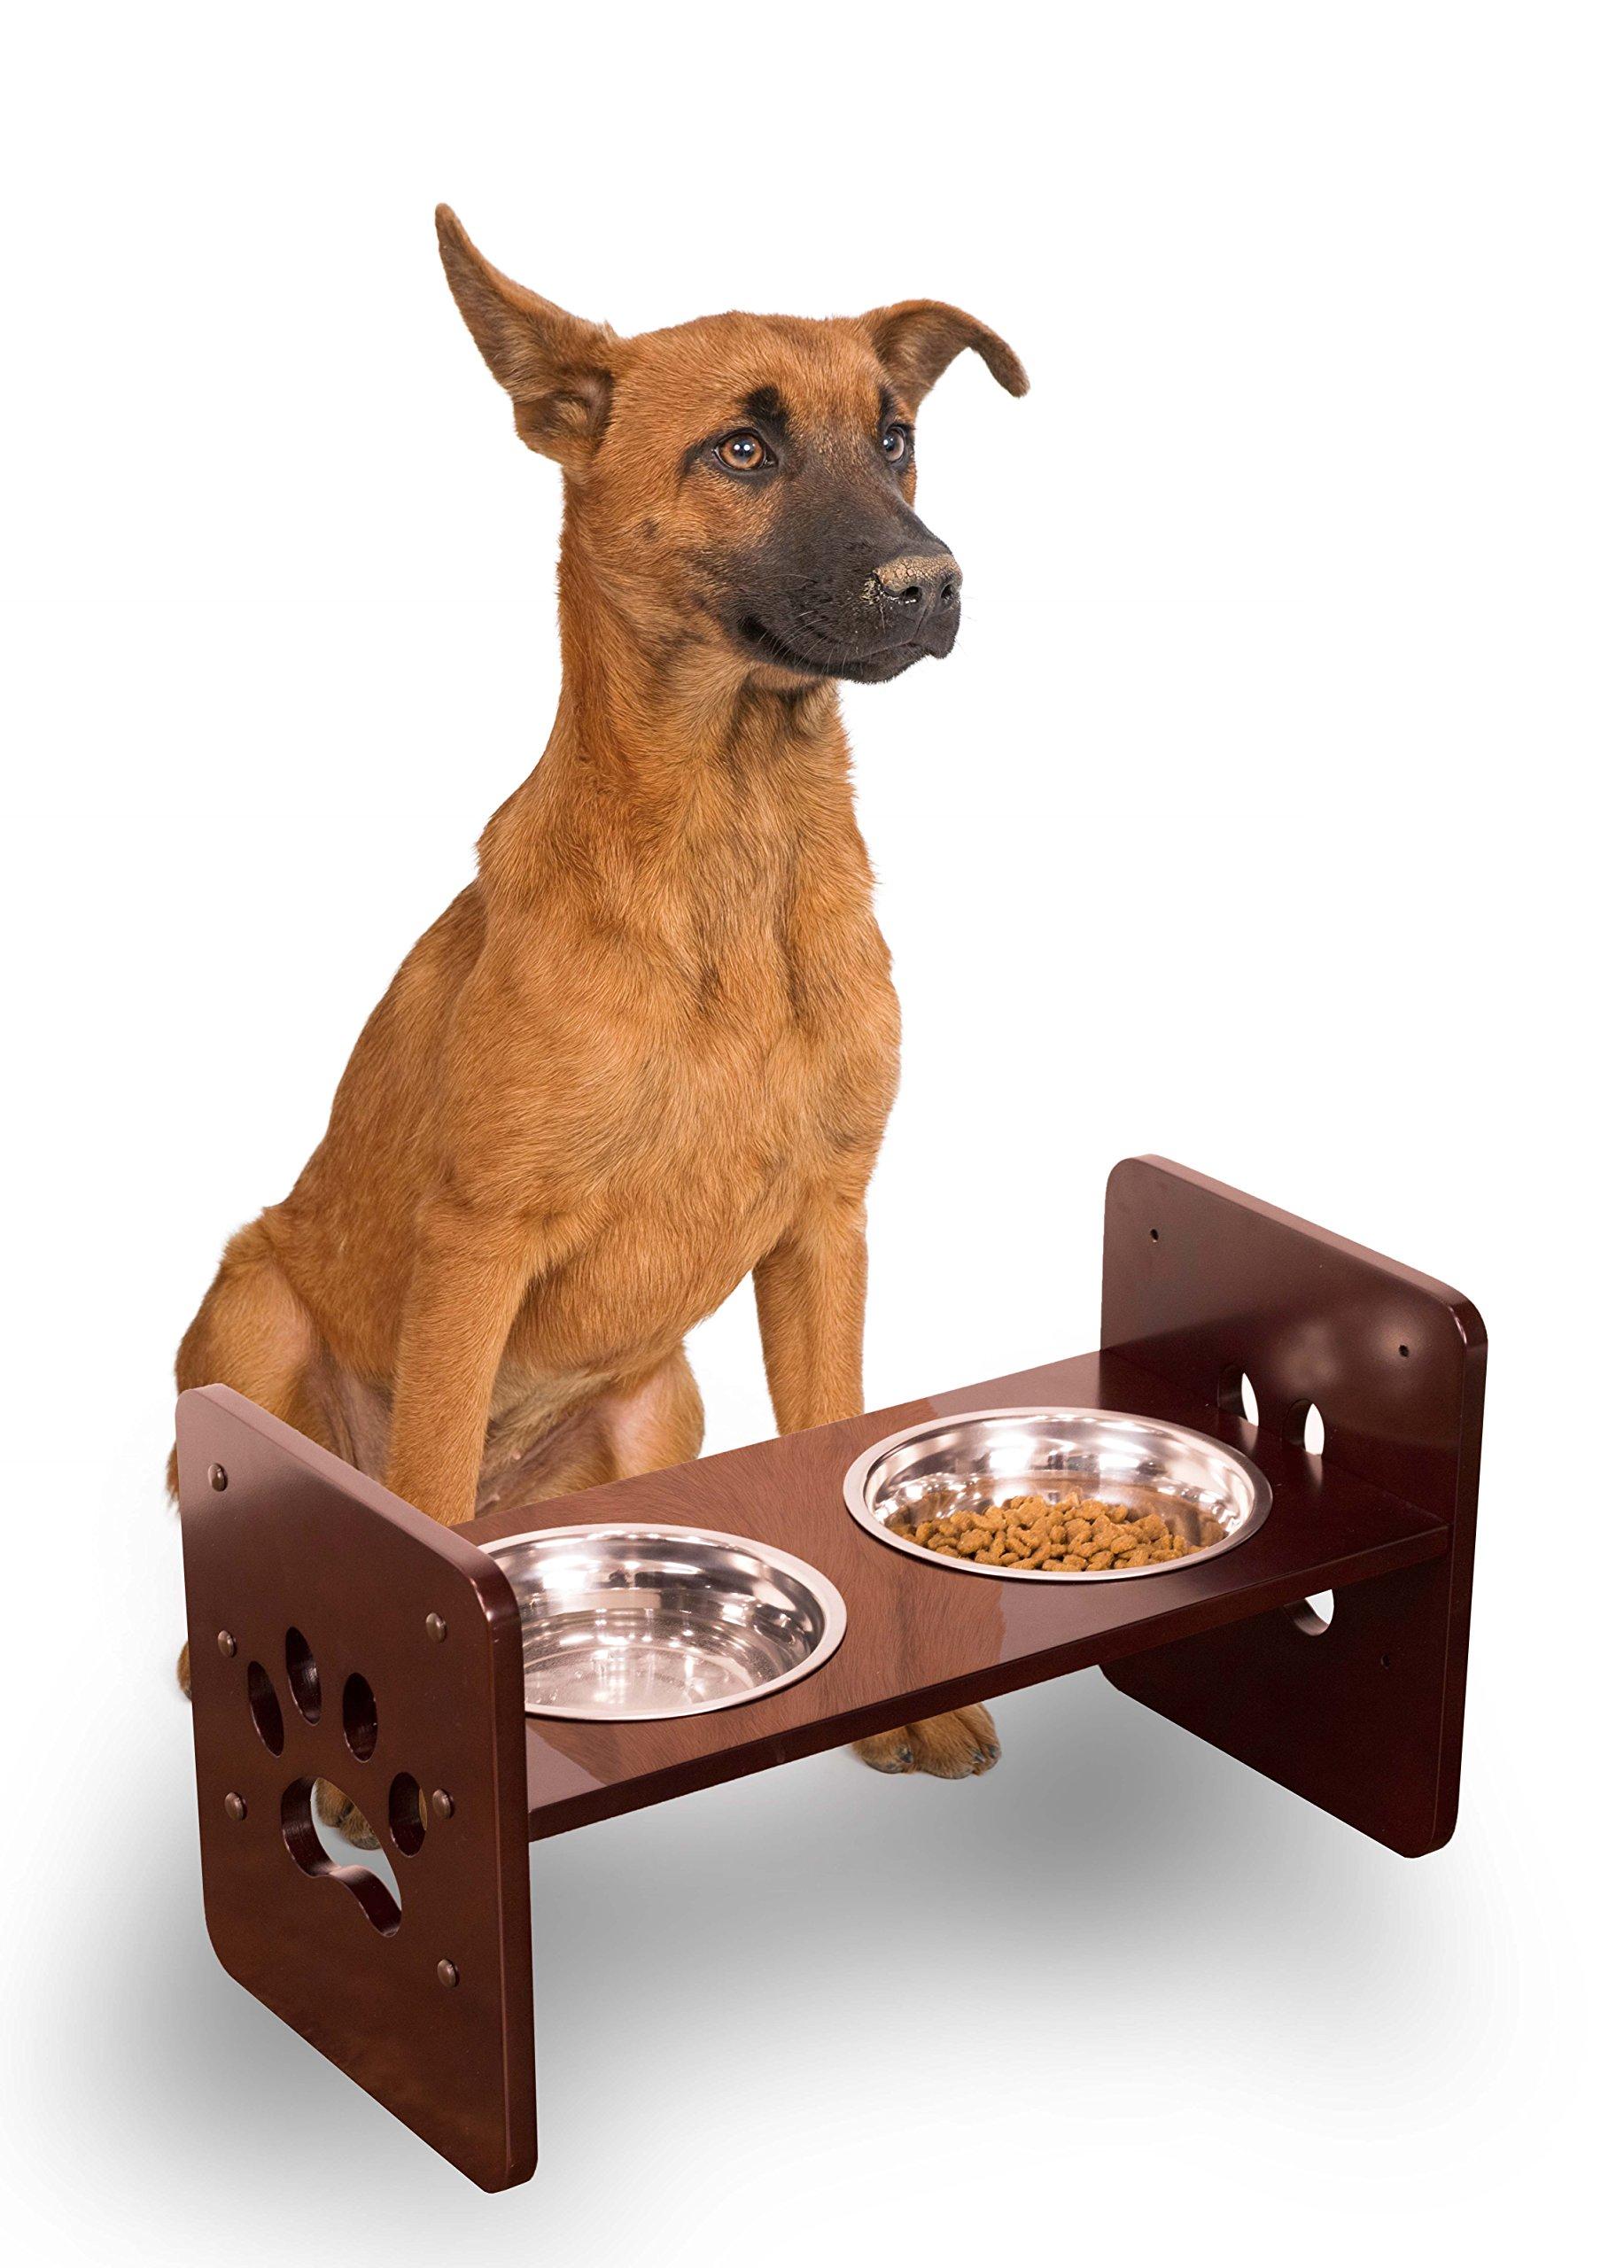 zoovilla Adjustable Pet Feeder by zoovilla (Image #10)